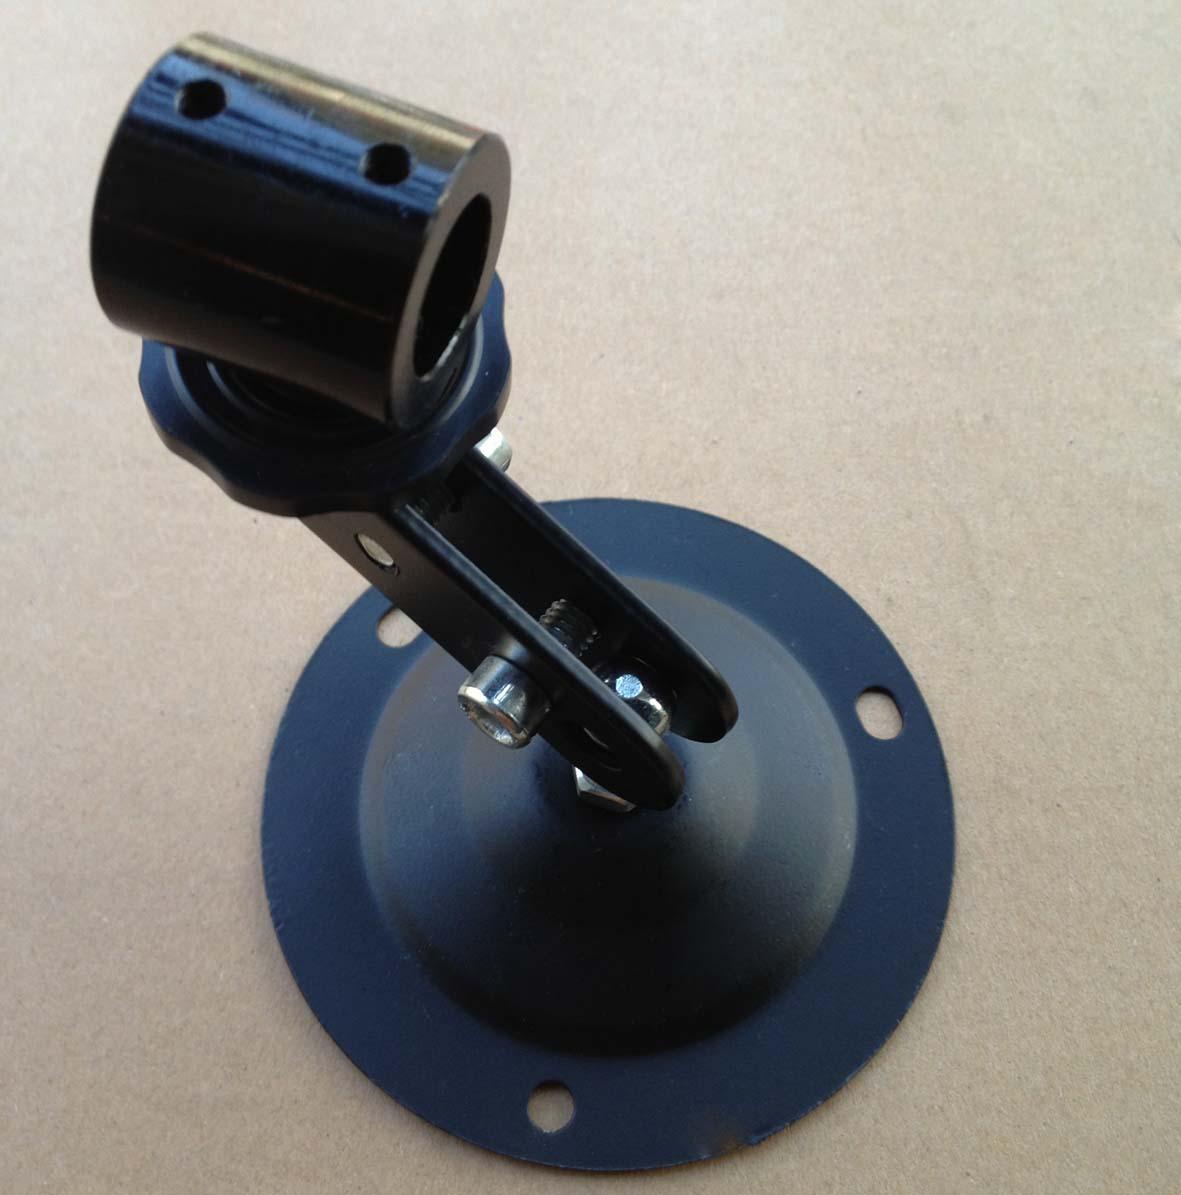 Аксессуары для биноклей, телескопов GOOD 360 GOOD